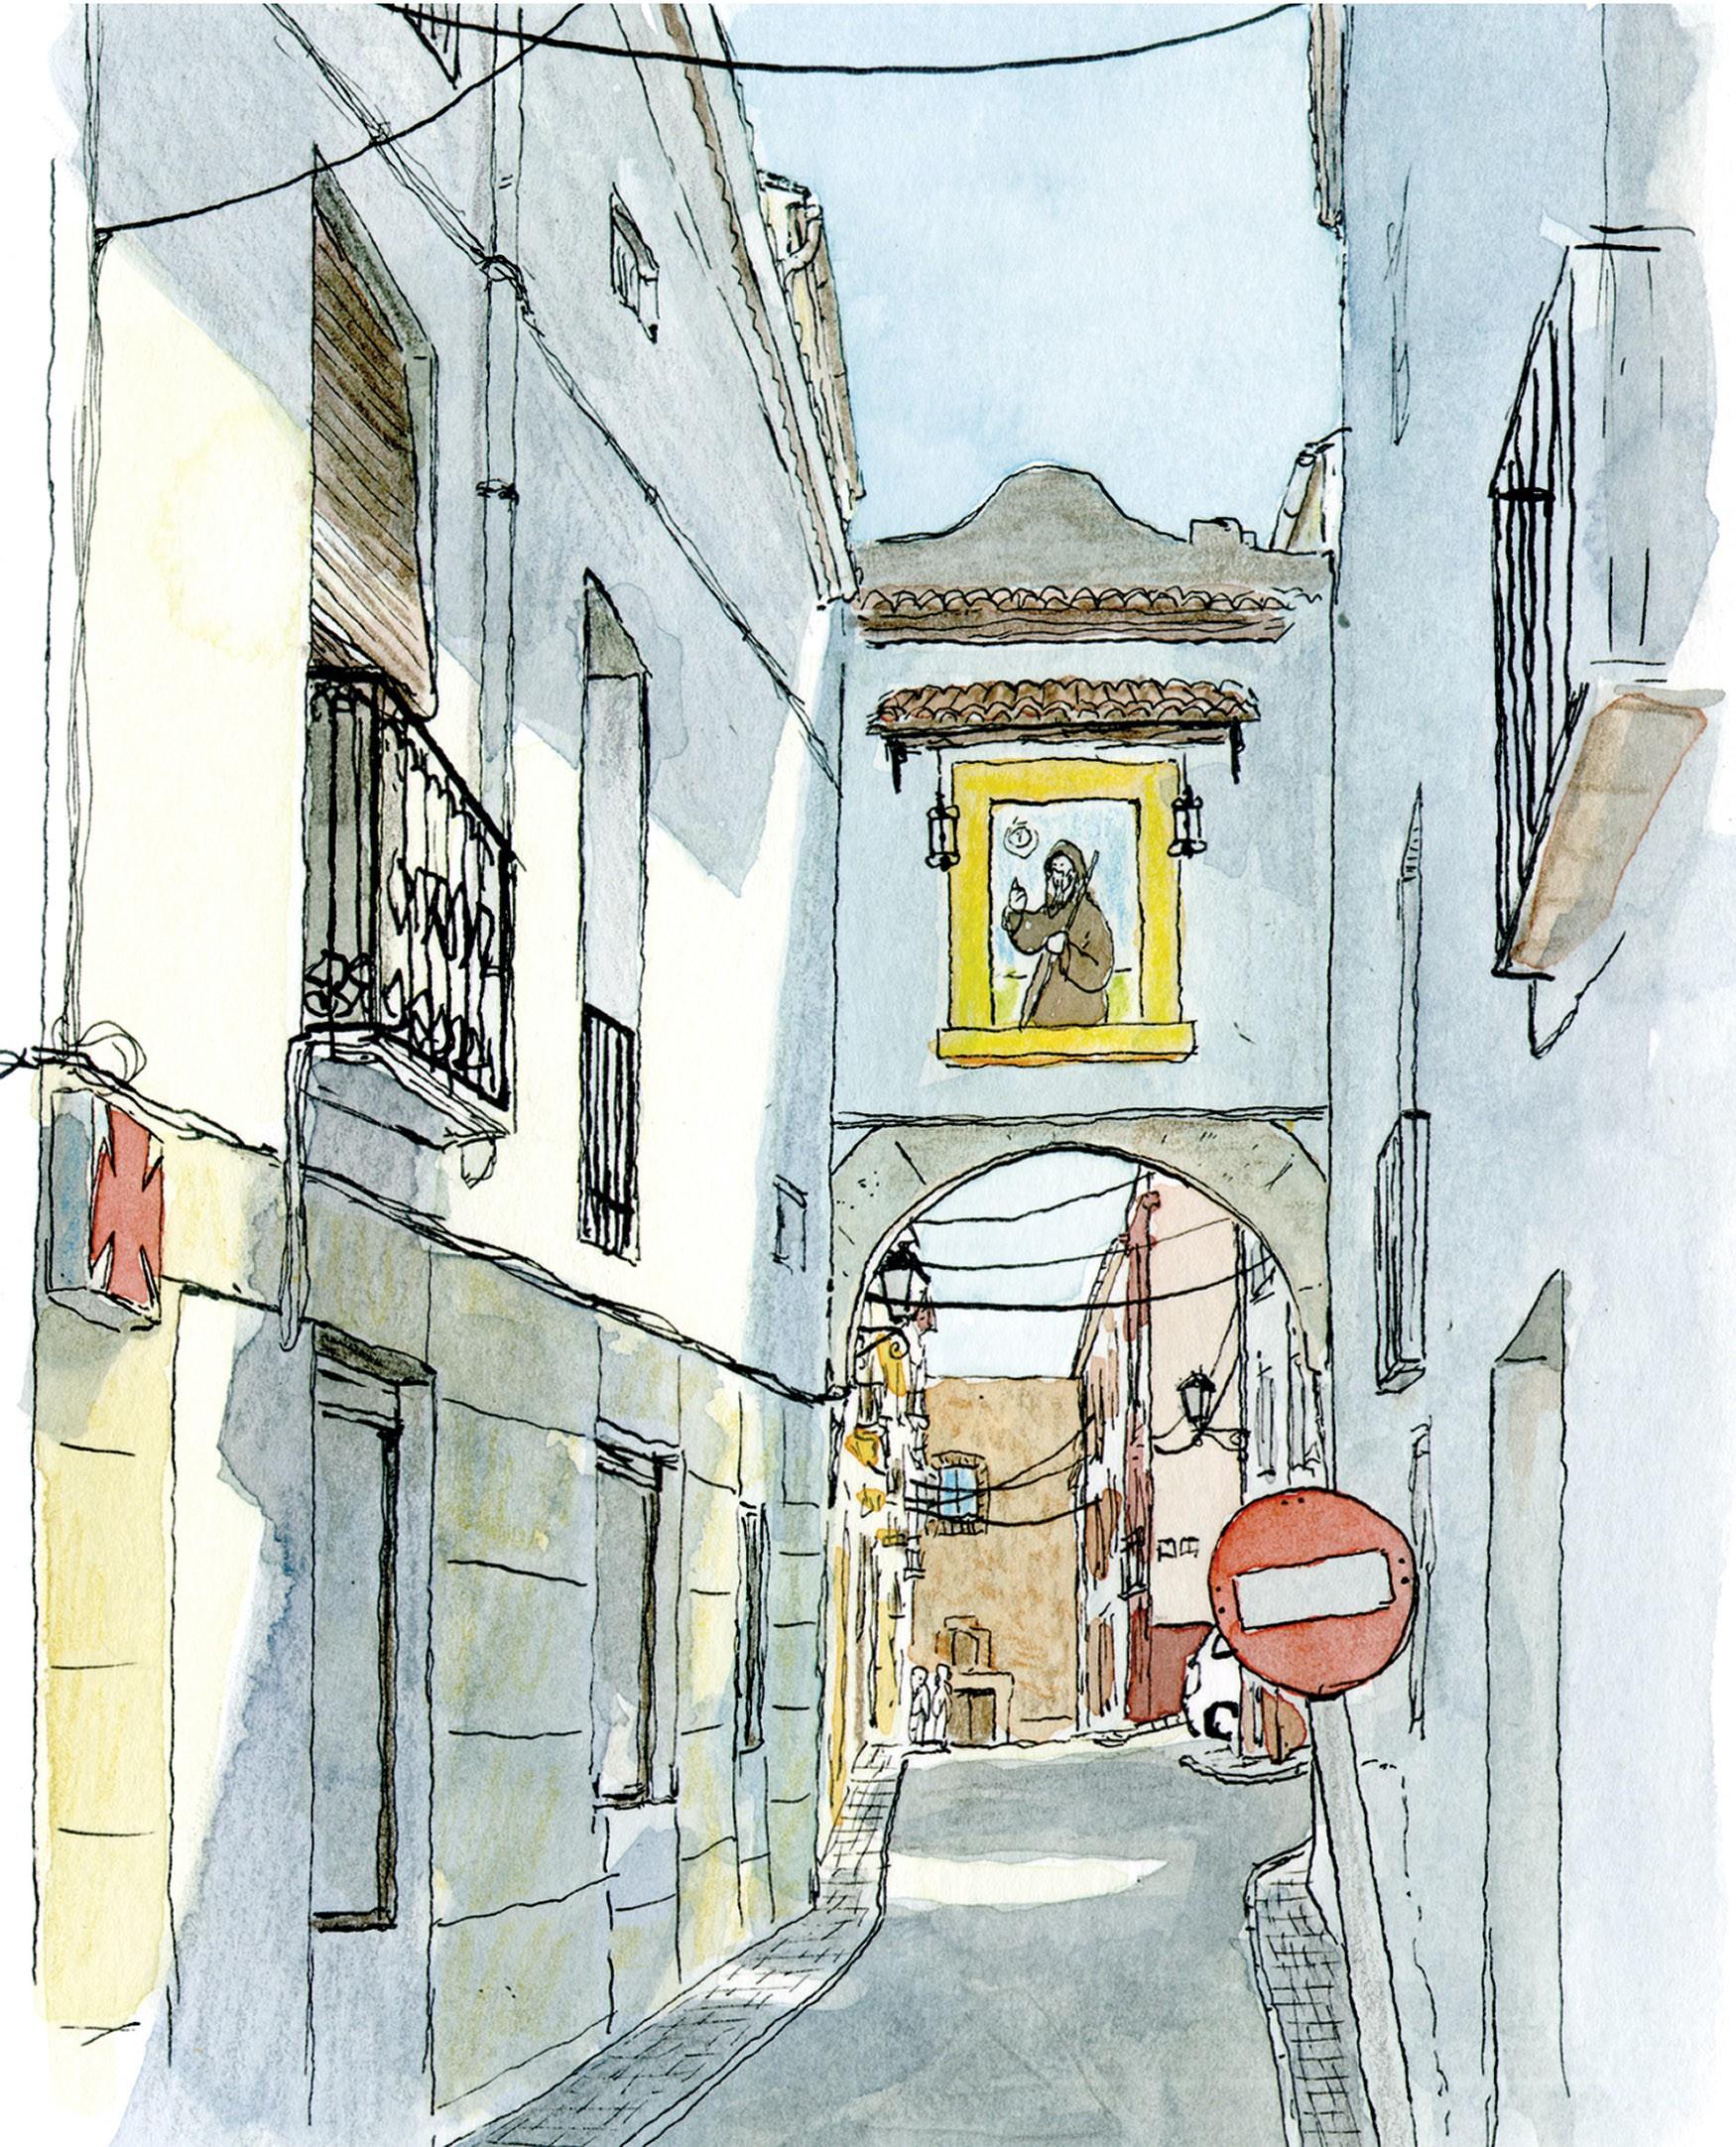 Lámina decorativa con una ilustración en acuarela de la calle carrer de la Iglesia en el municipio de Oliva (Valencia). Dibujo hecho a mano, cuadro para enmarcar